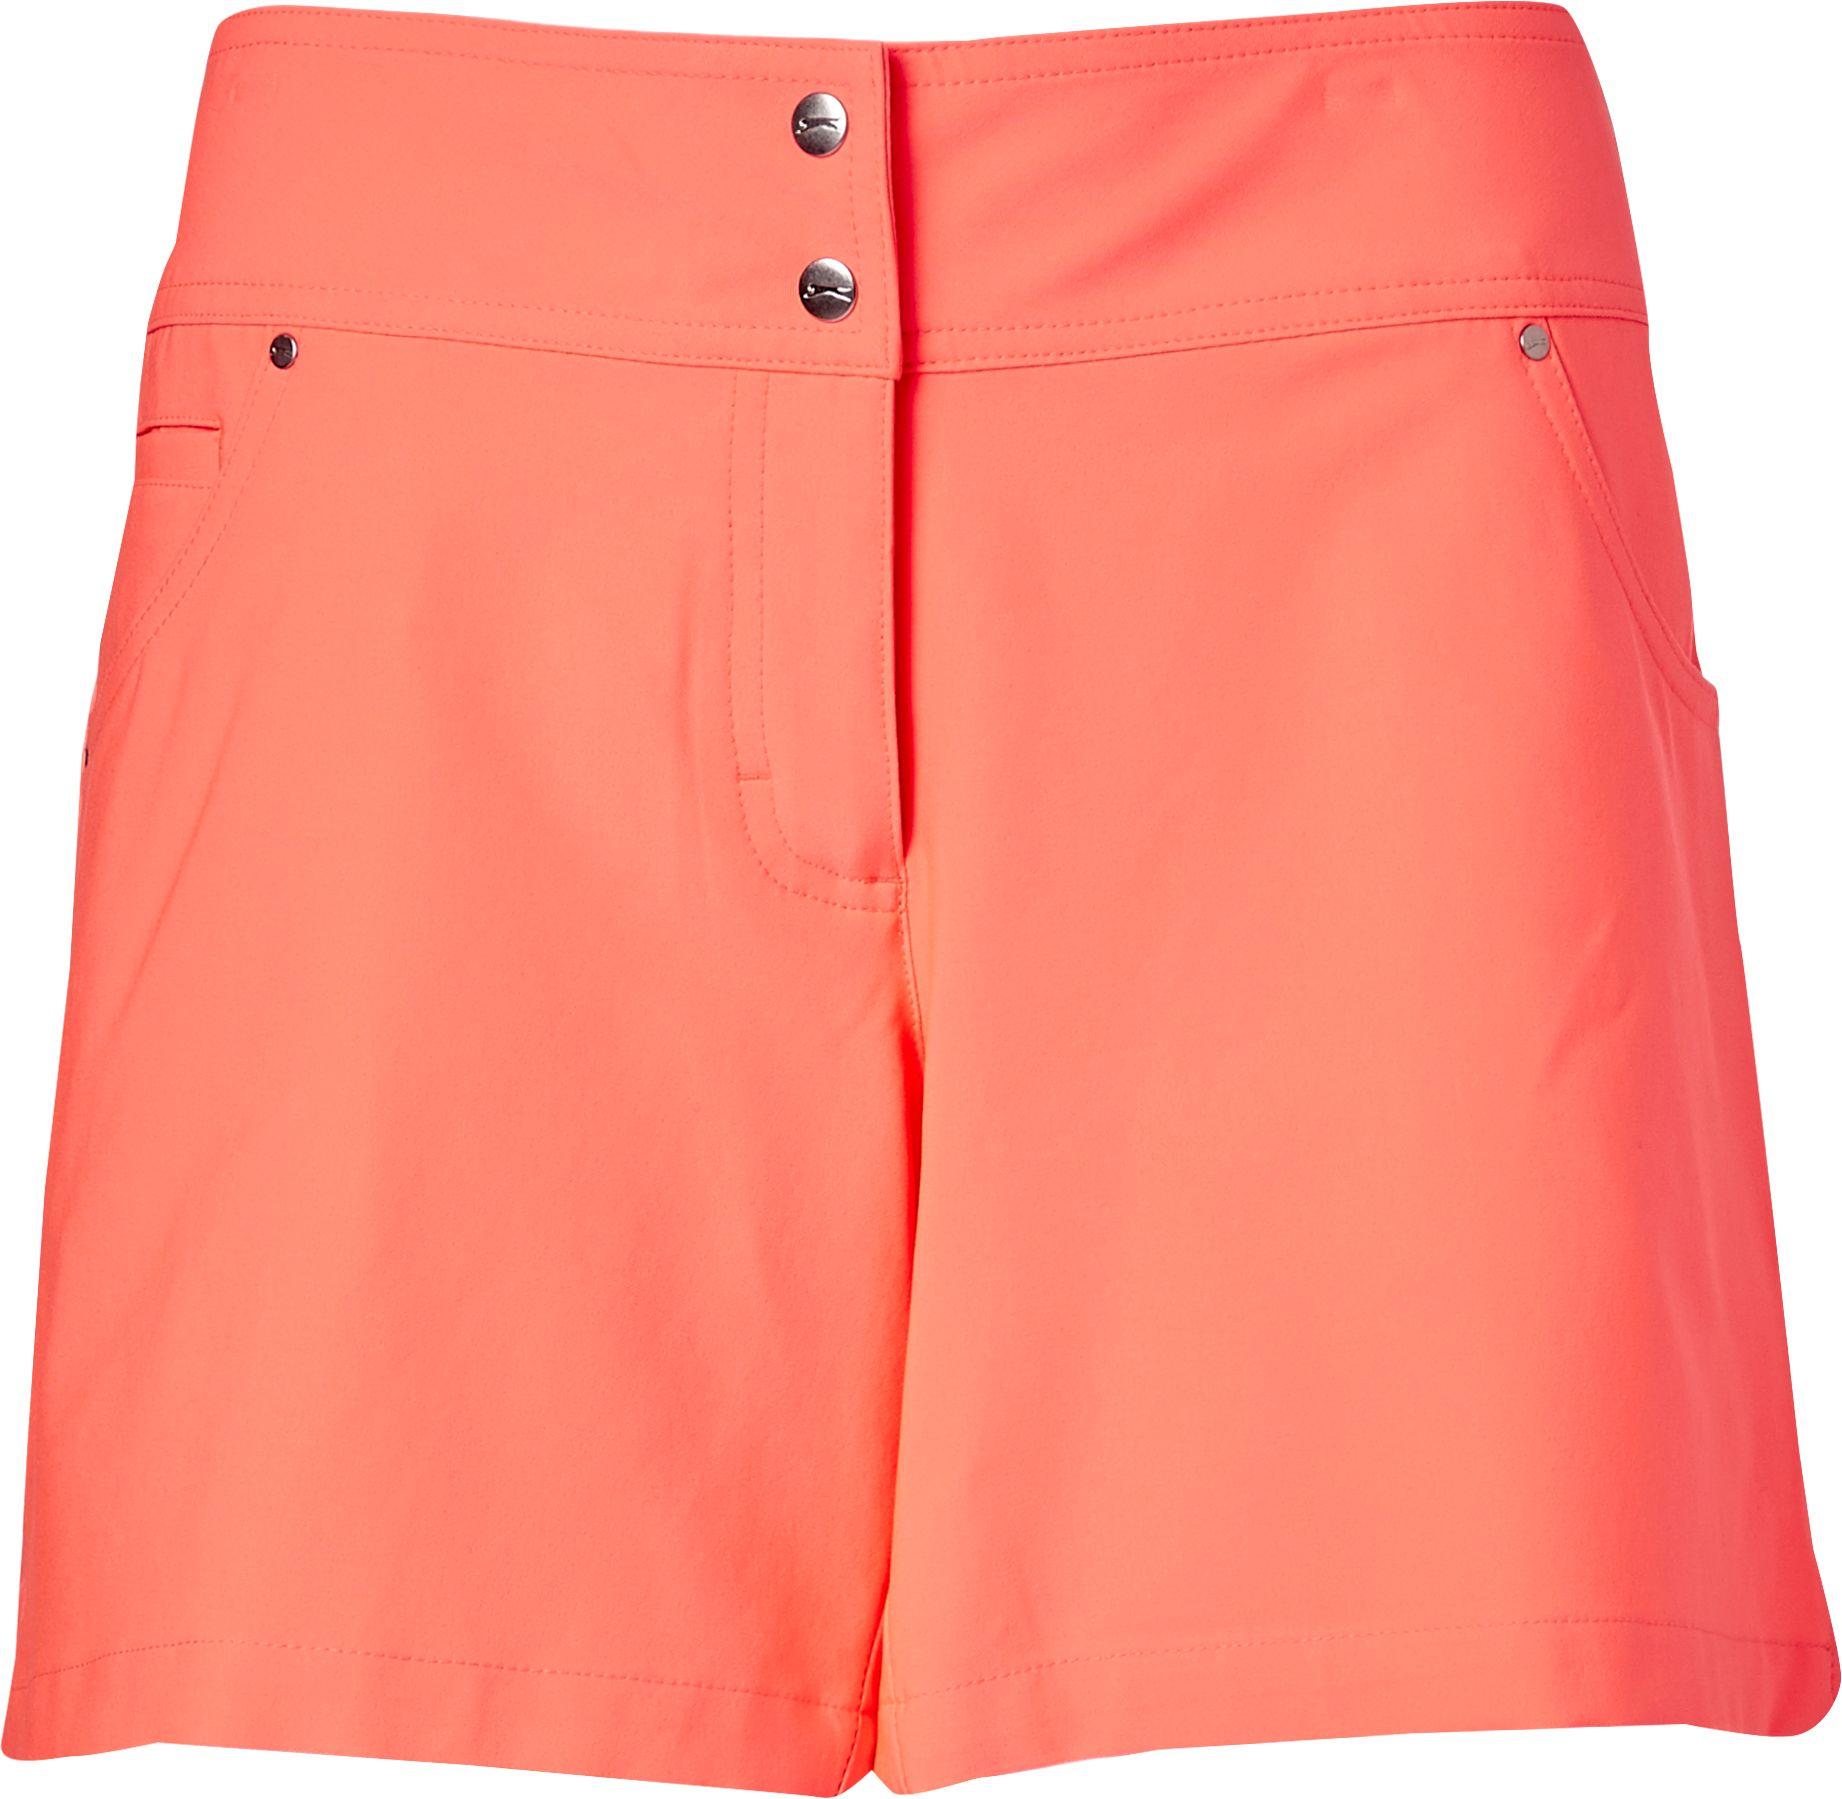 Slazenger Women's Tech Golf Shorts | DICK'S Sporting Goods